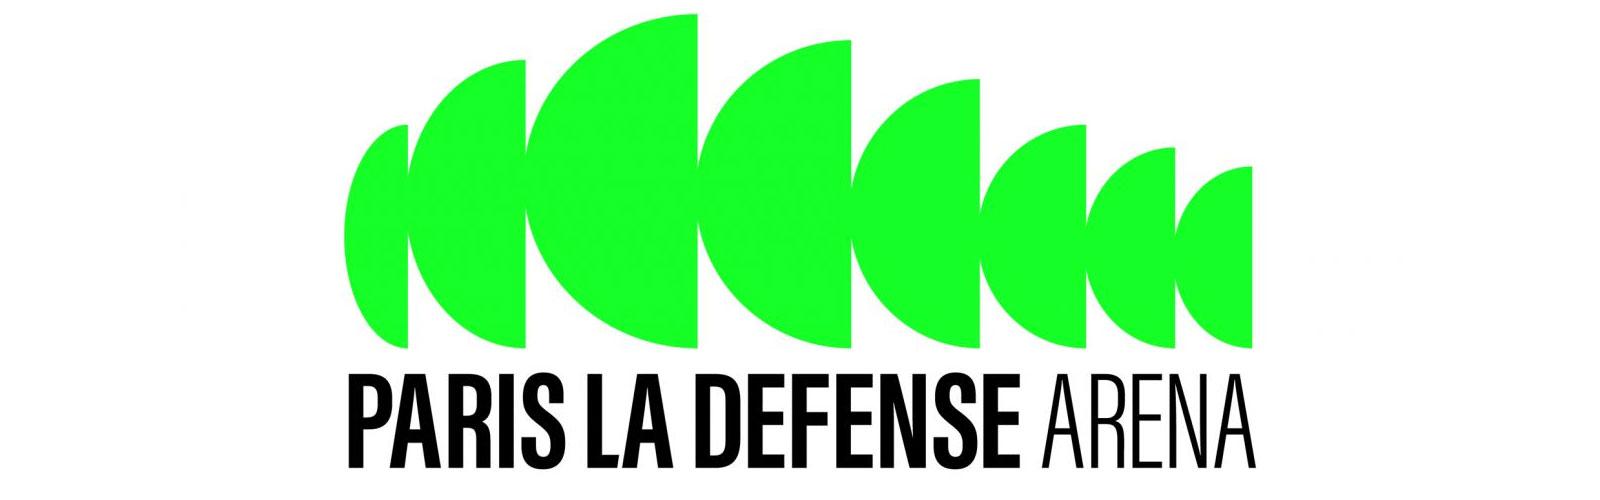 Paris-Ladefense-Arena